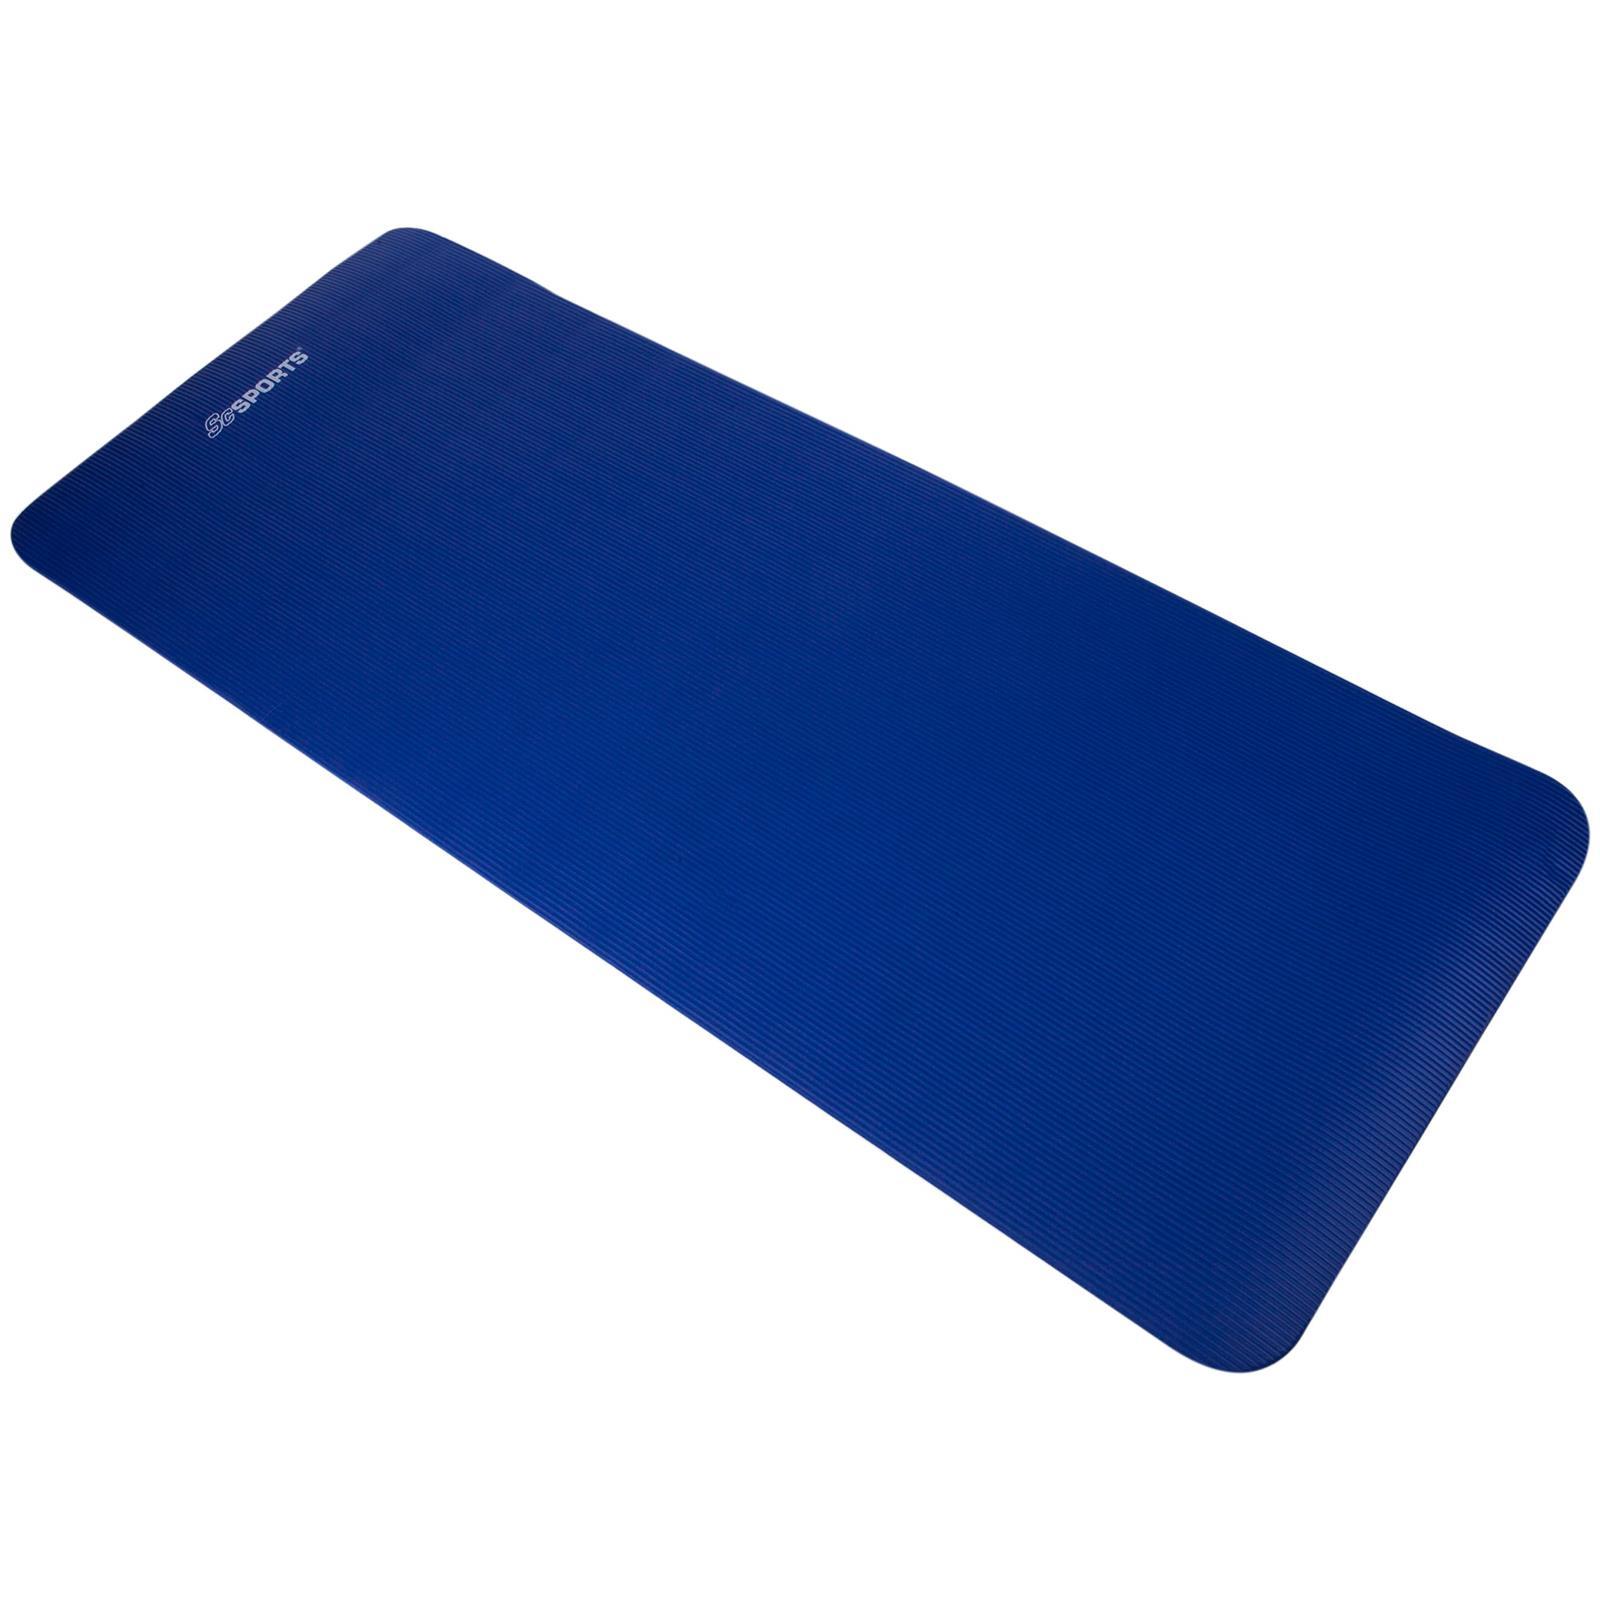 ScSPORTS-Gymnastikmatte-Fitnessmatte-Yogamatte-Turnmatte-190-x-60-x-1-5-cm Indexbild 10